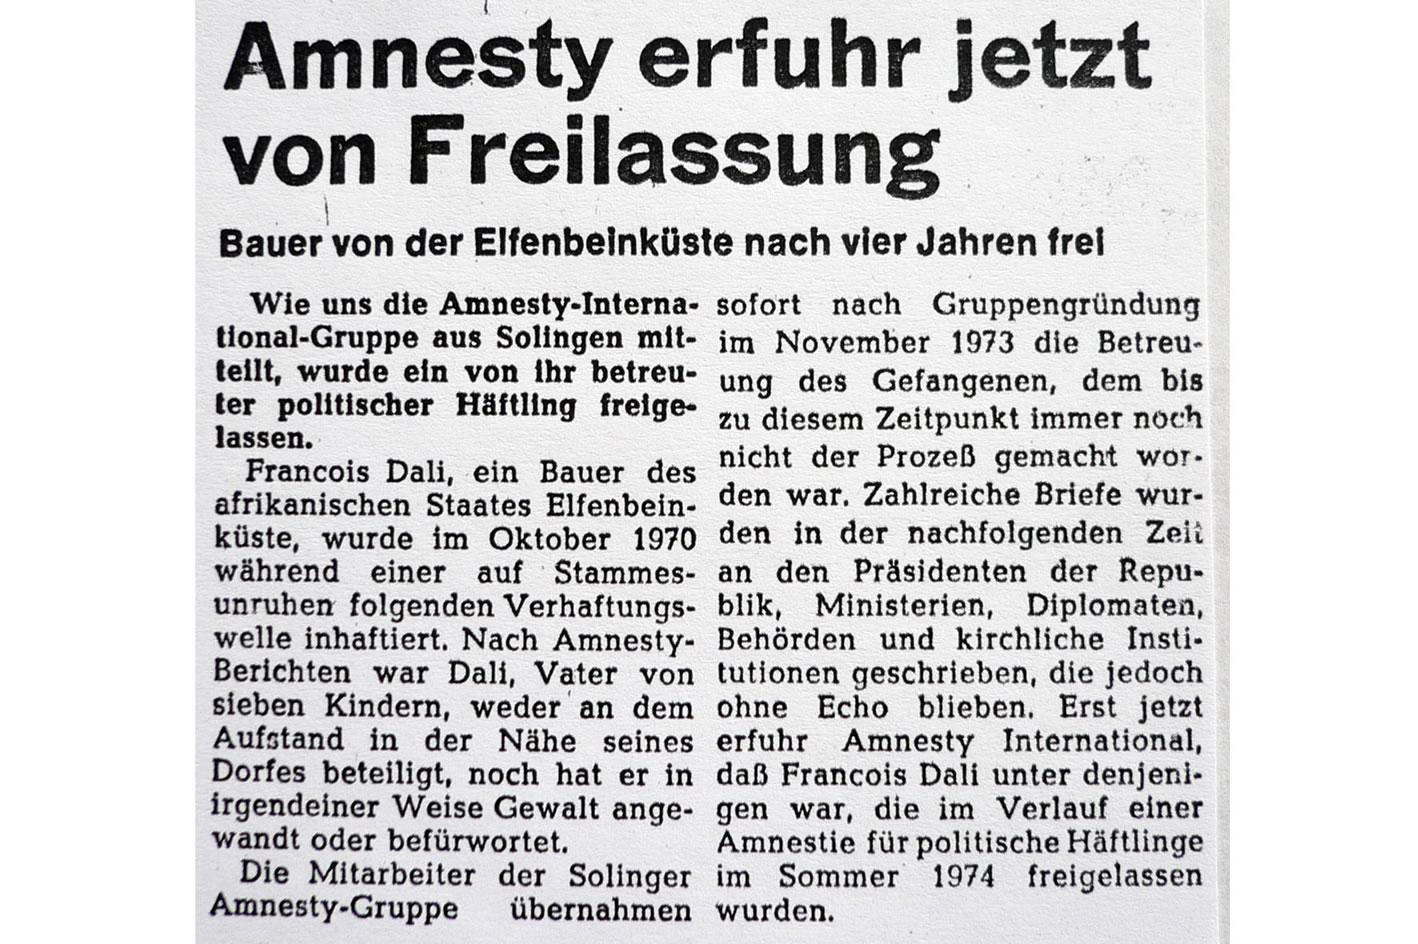 Solinger Tageblatt 02/76: Freilassung eines politischen Häftlings Elfenbeinküste